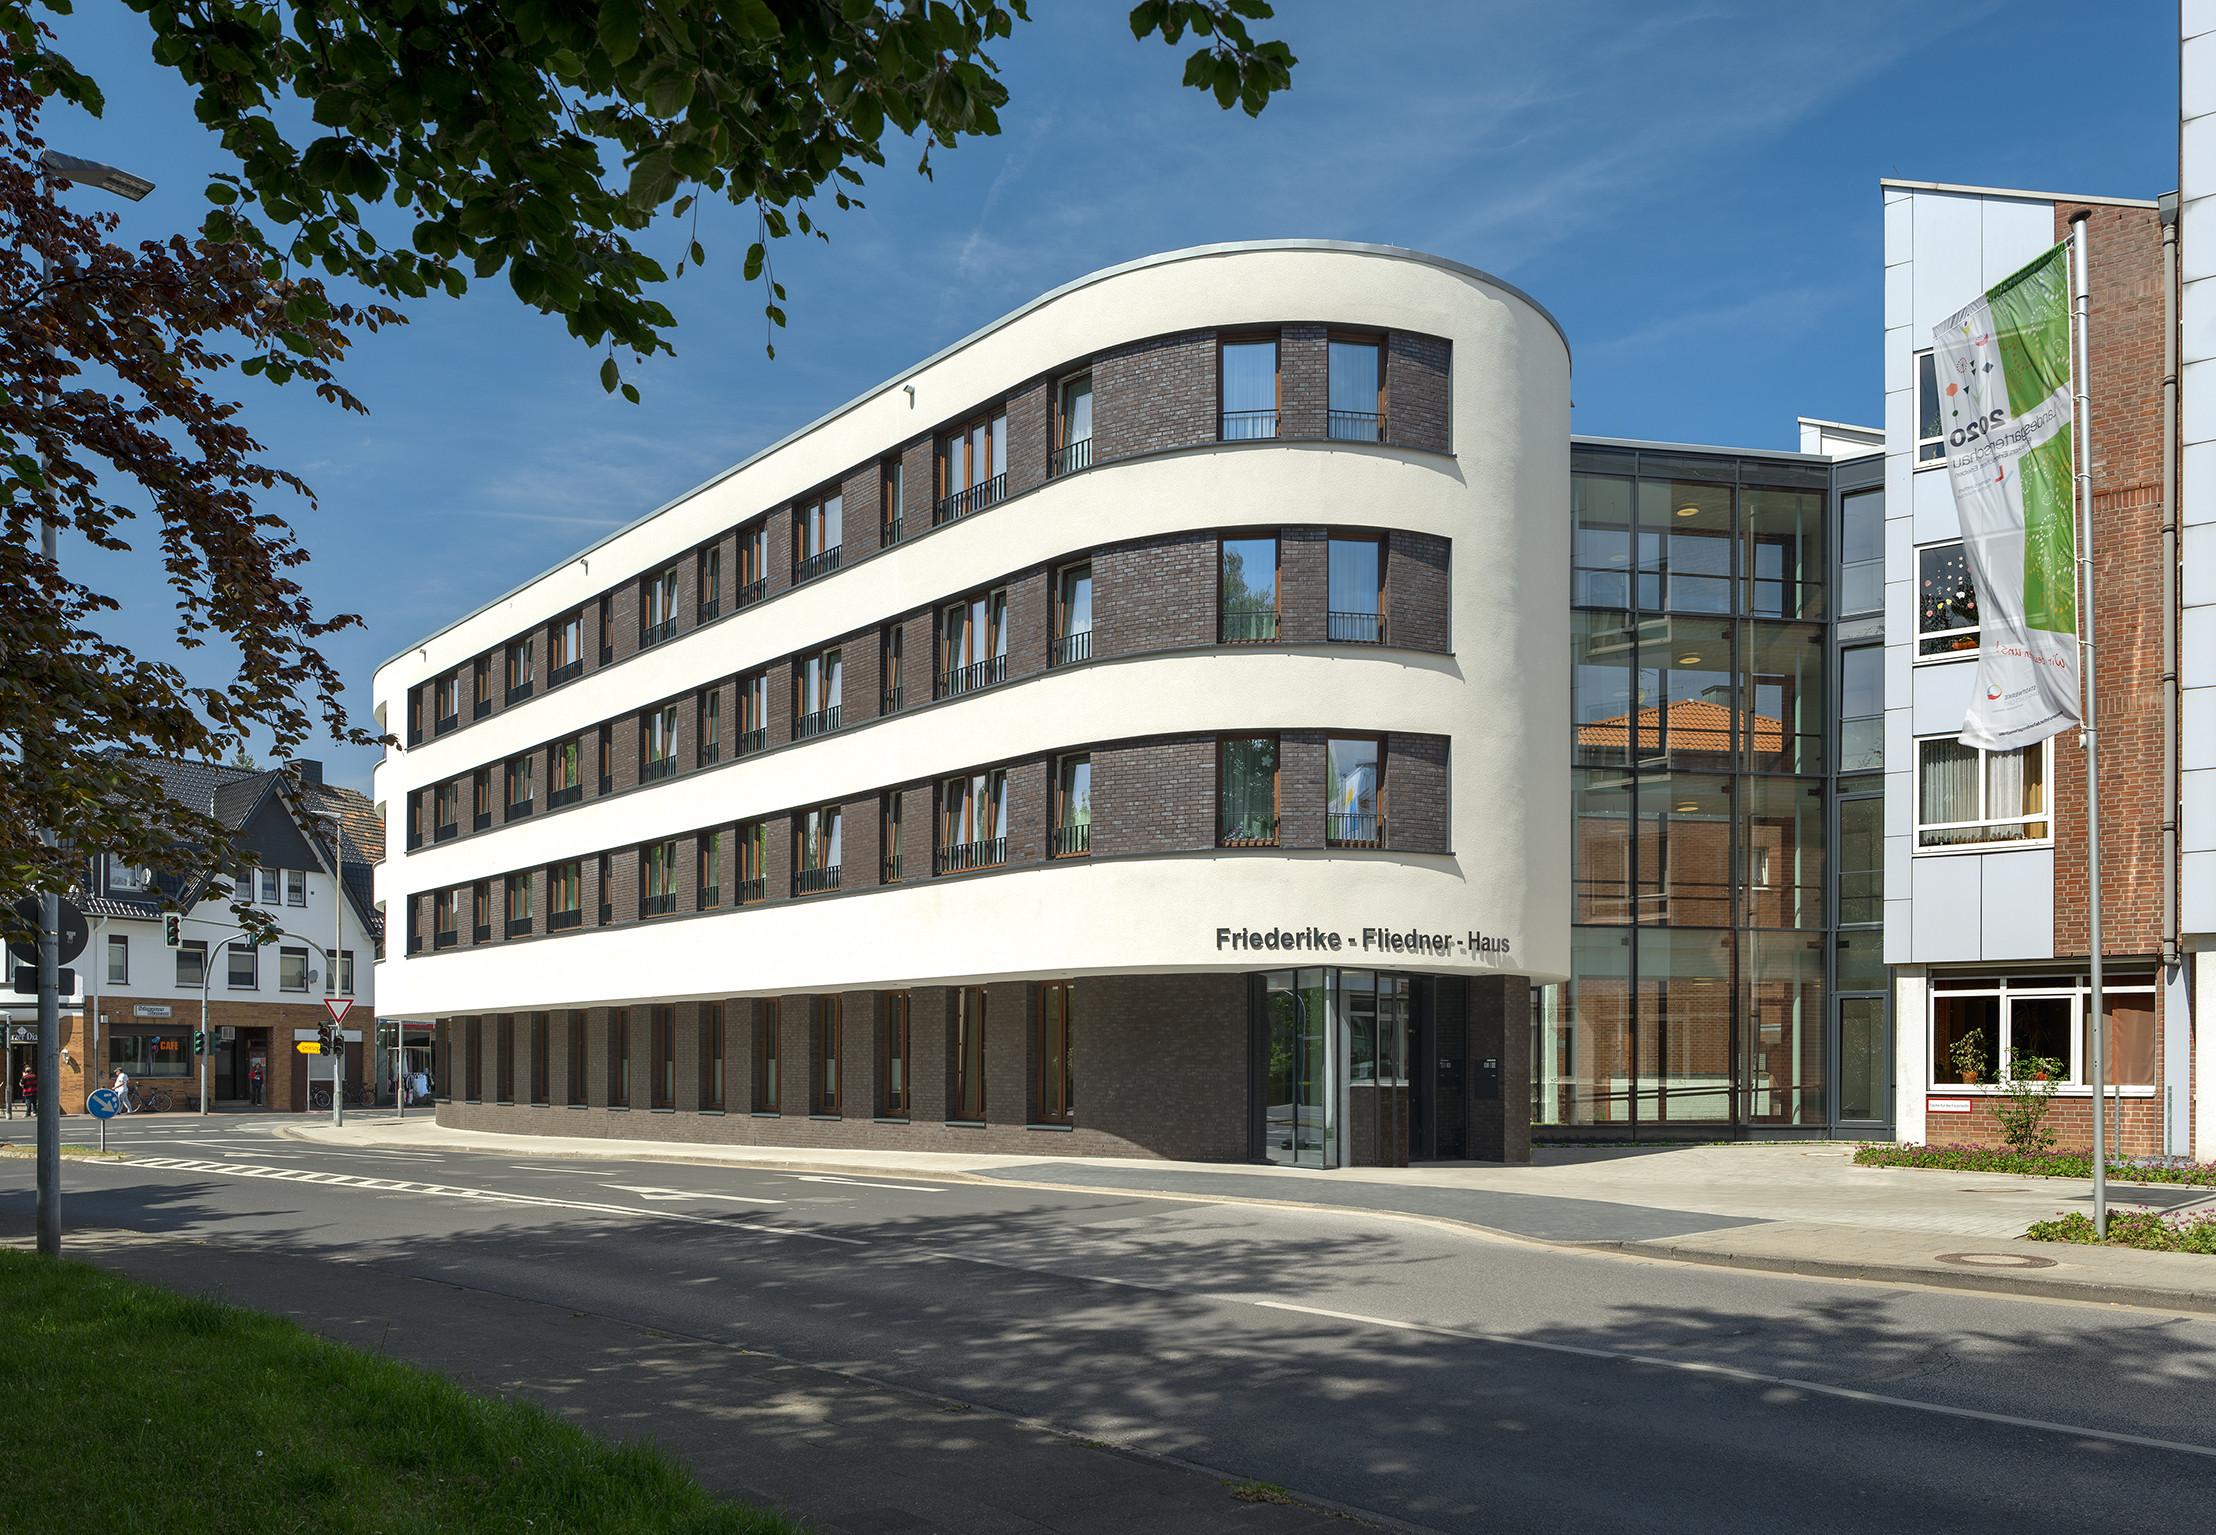 Haus Mieten Kamp Lintfort  Friederike Fliedner Haus Kamp Lintfort Schüco Germany